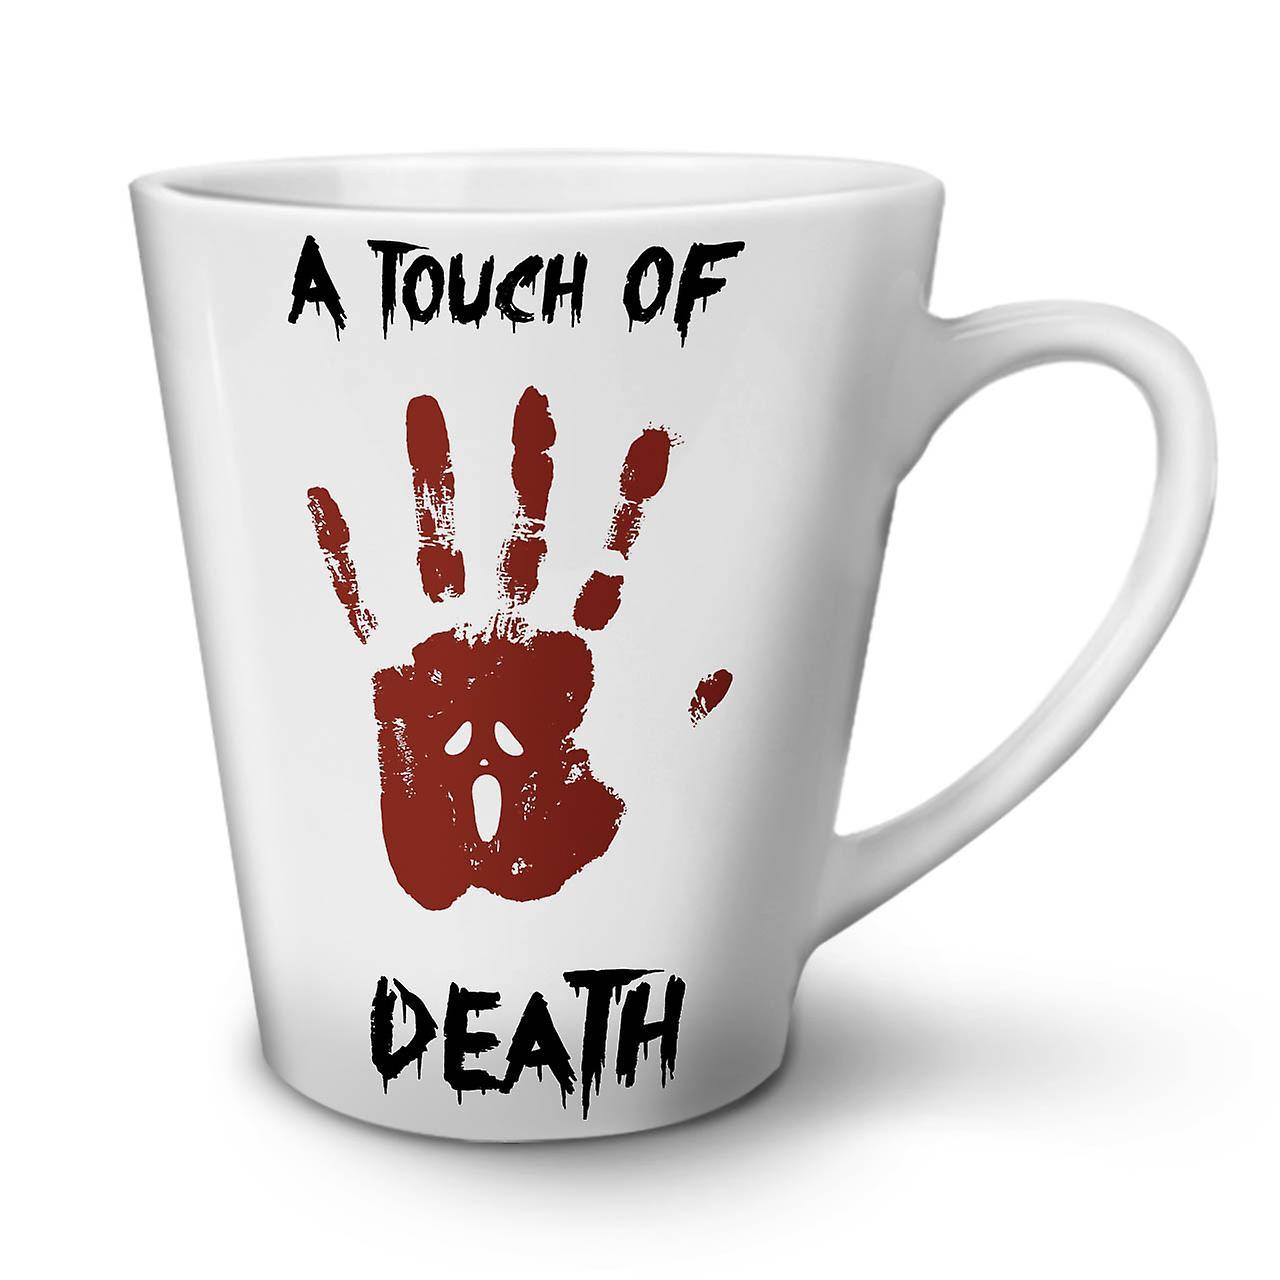 Mort Horreur Céramique 12 Café Latte Blanche Tasse Touche OzWellcoda Nouvelle De En Ajq43R5cL